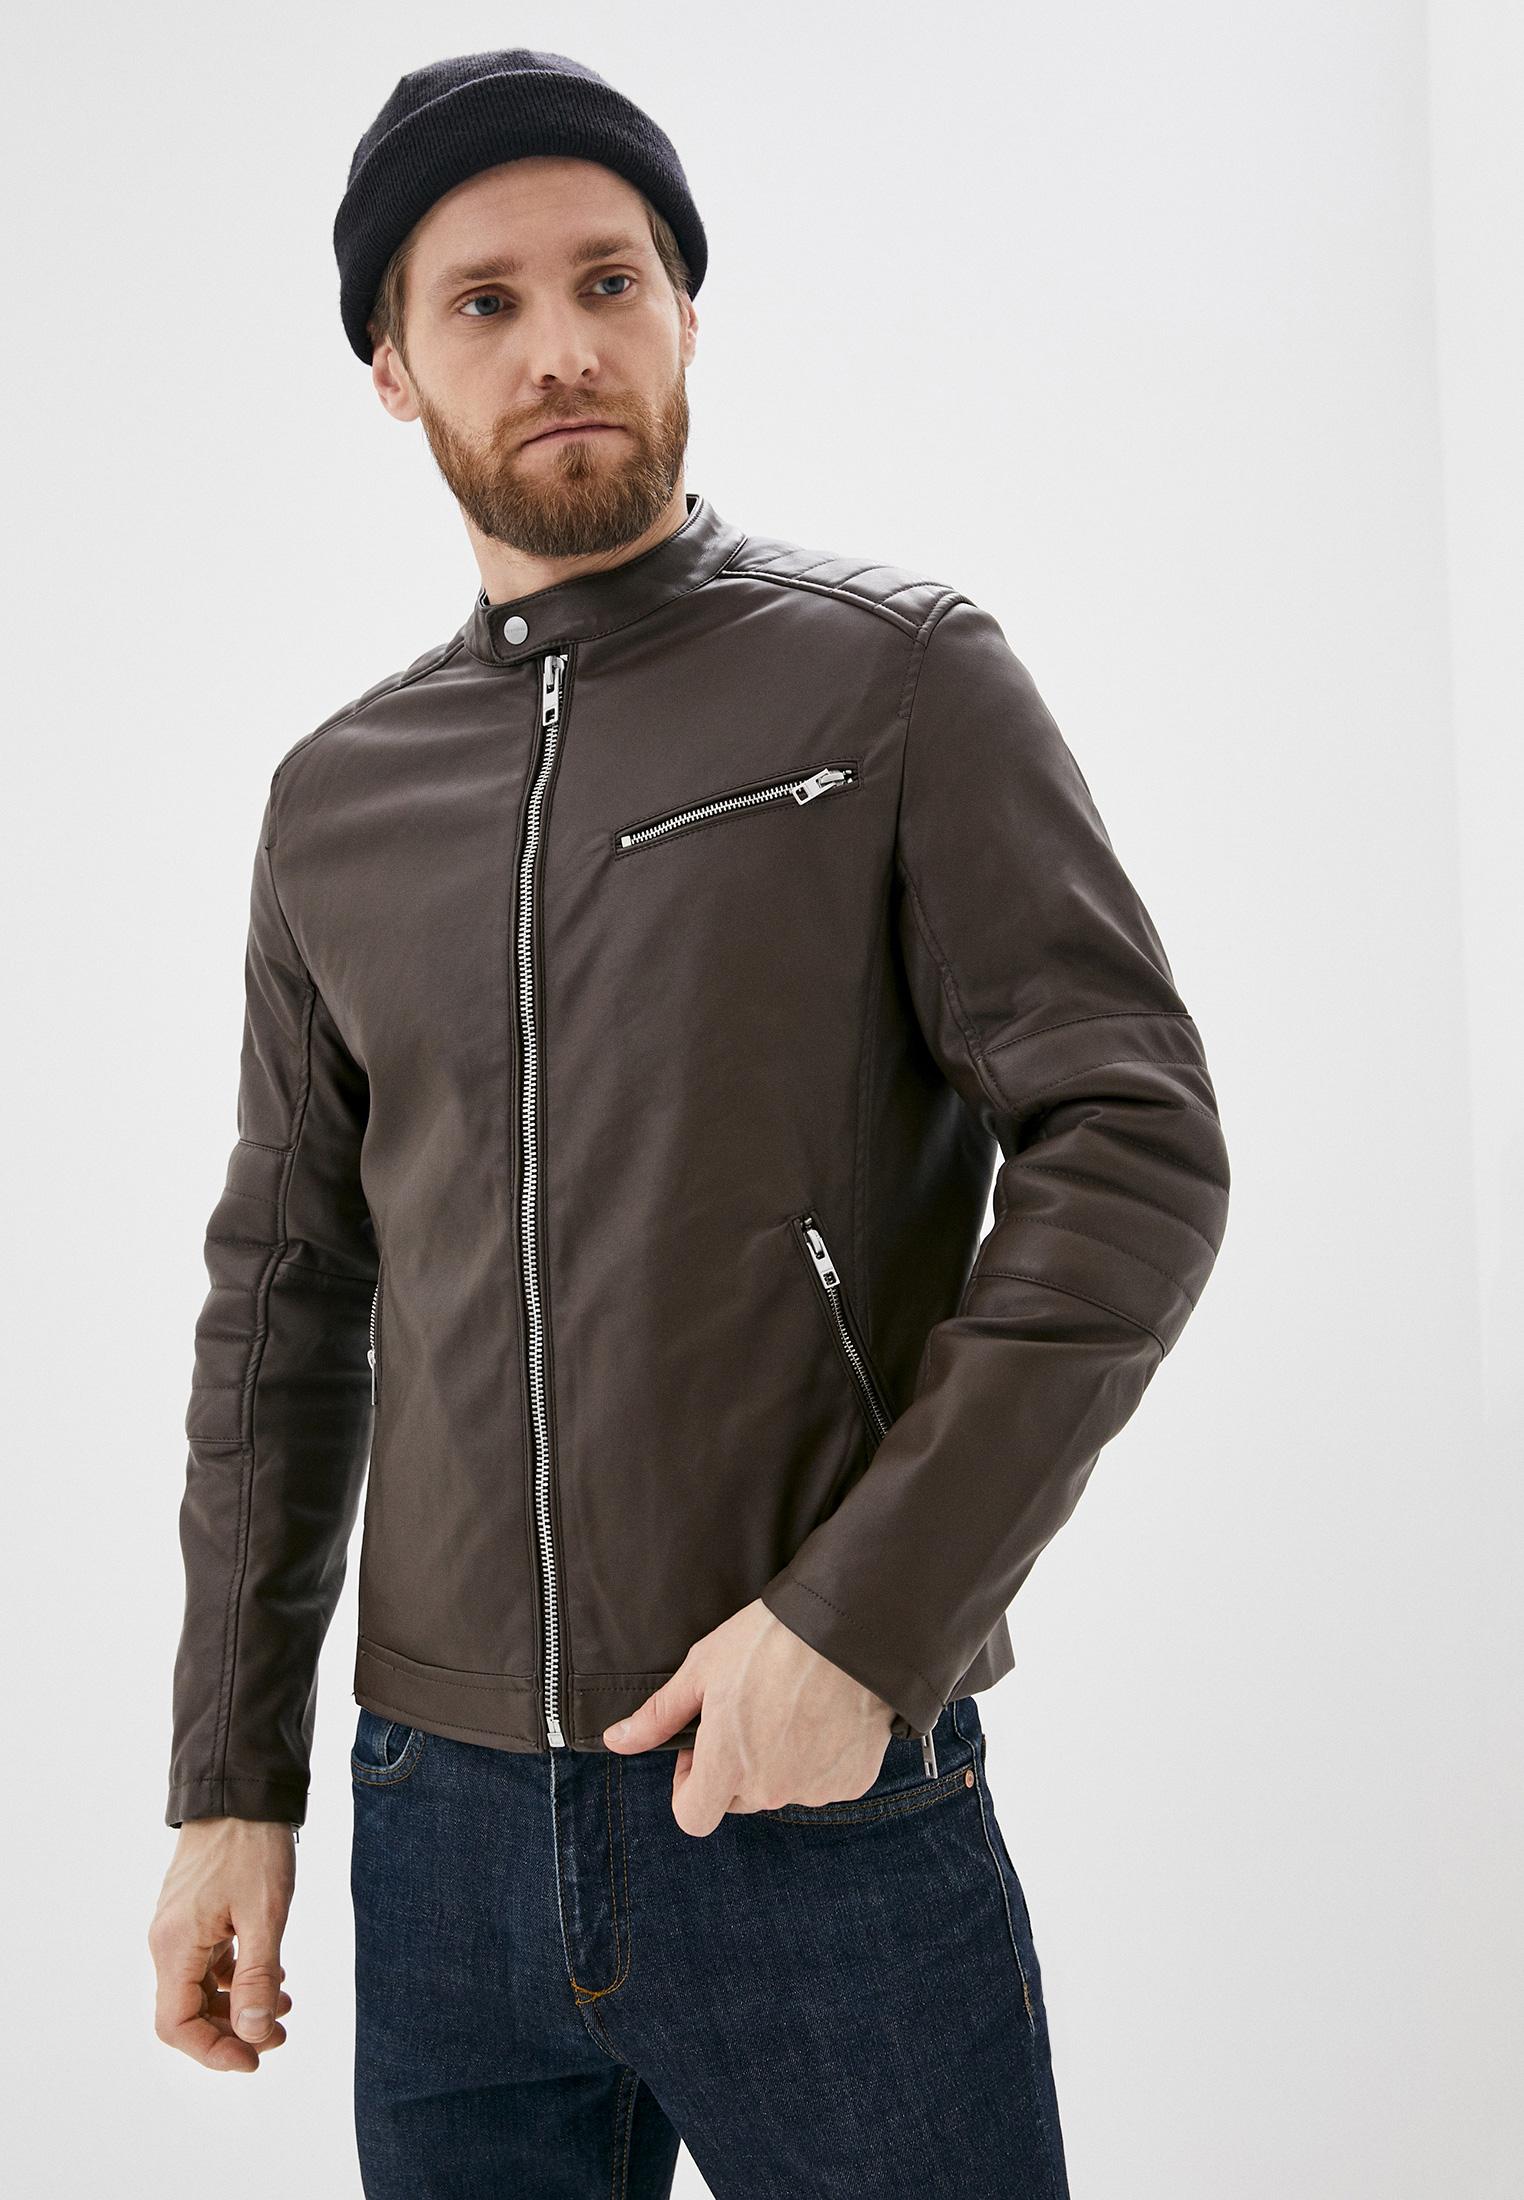 Куртка кожаная, Springfield, цвет: коричневый. Артикул: SP014EMHVGZ0. Одежда / Верхняя одежда / Кожаные куртки